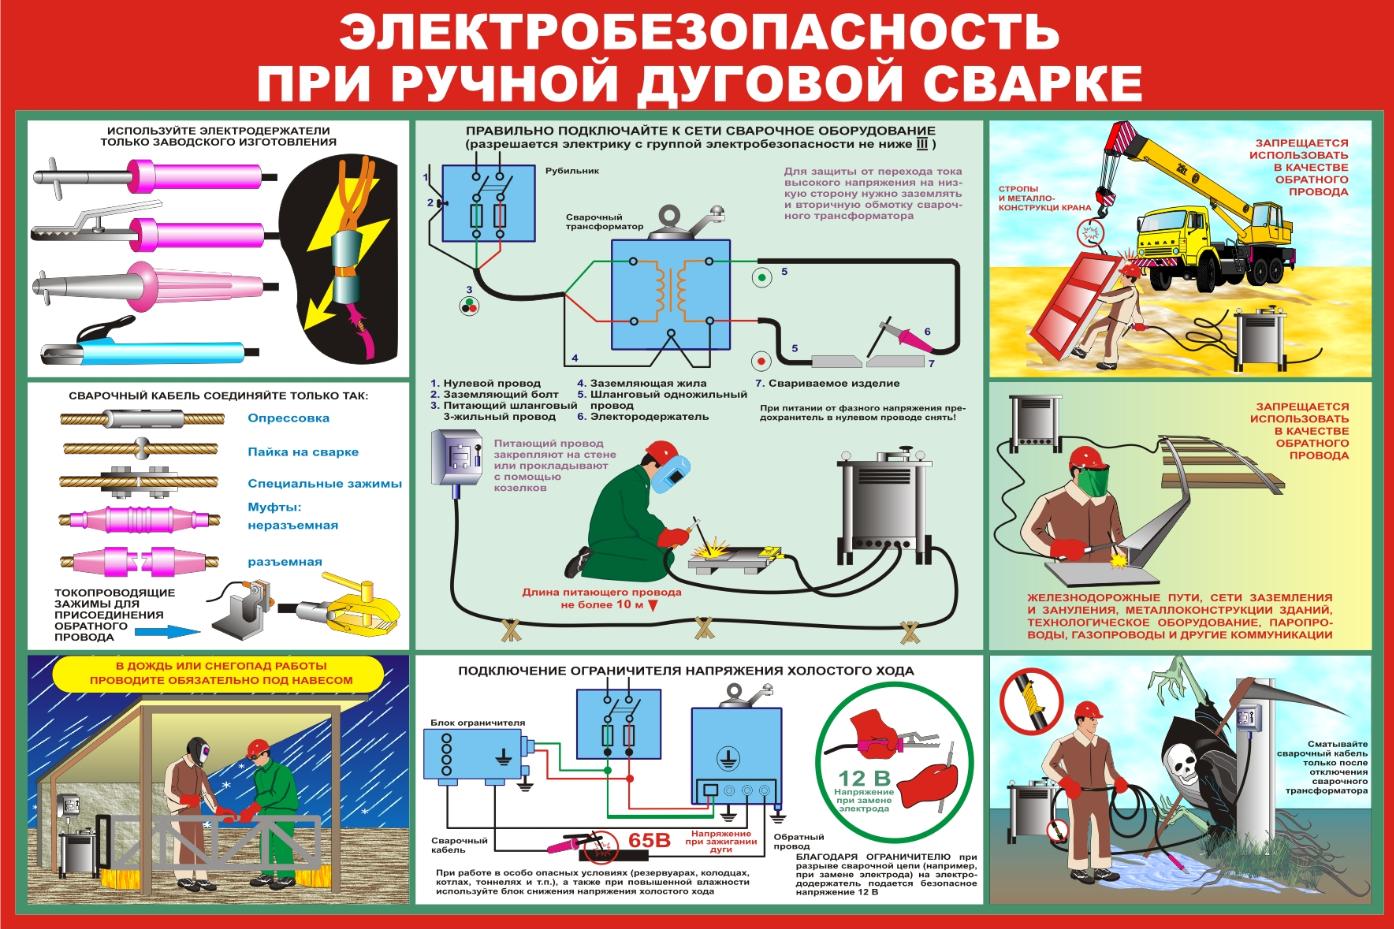 экзамены по электробезопасности 3 группа ростехнадзор онлайн